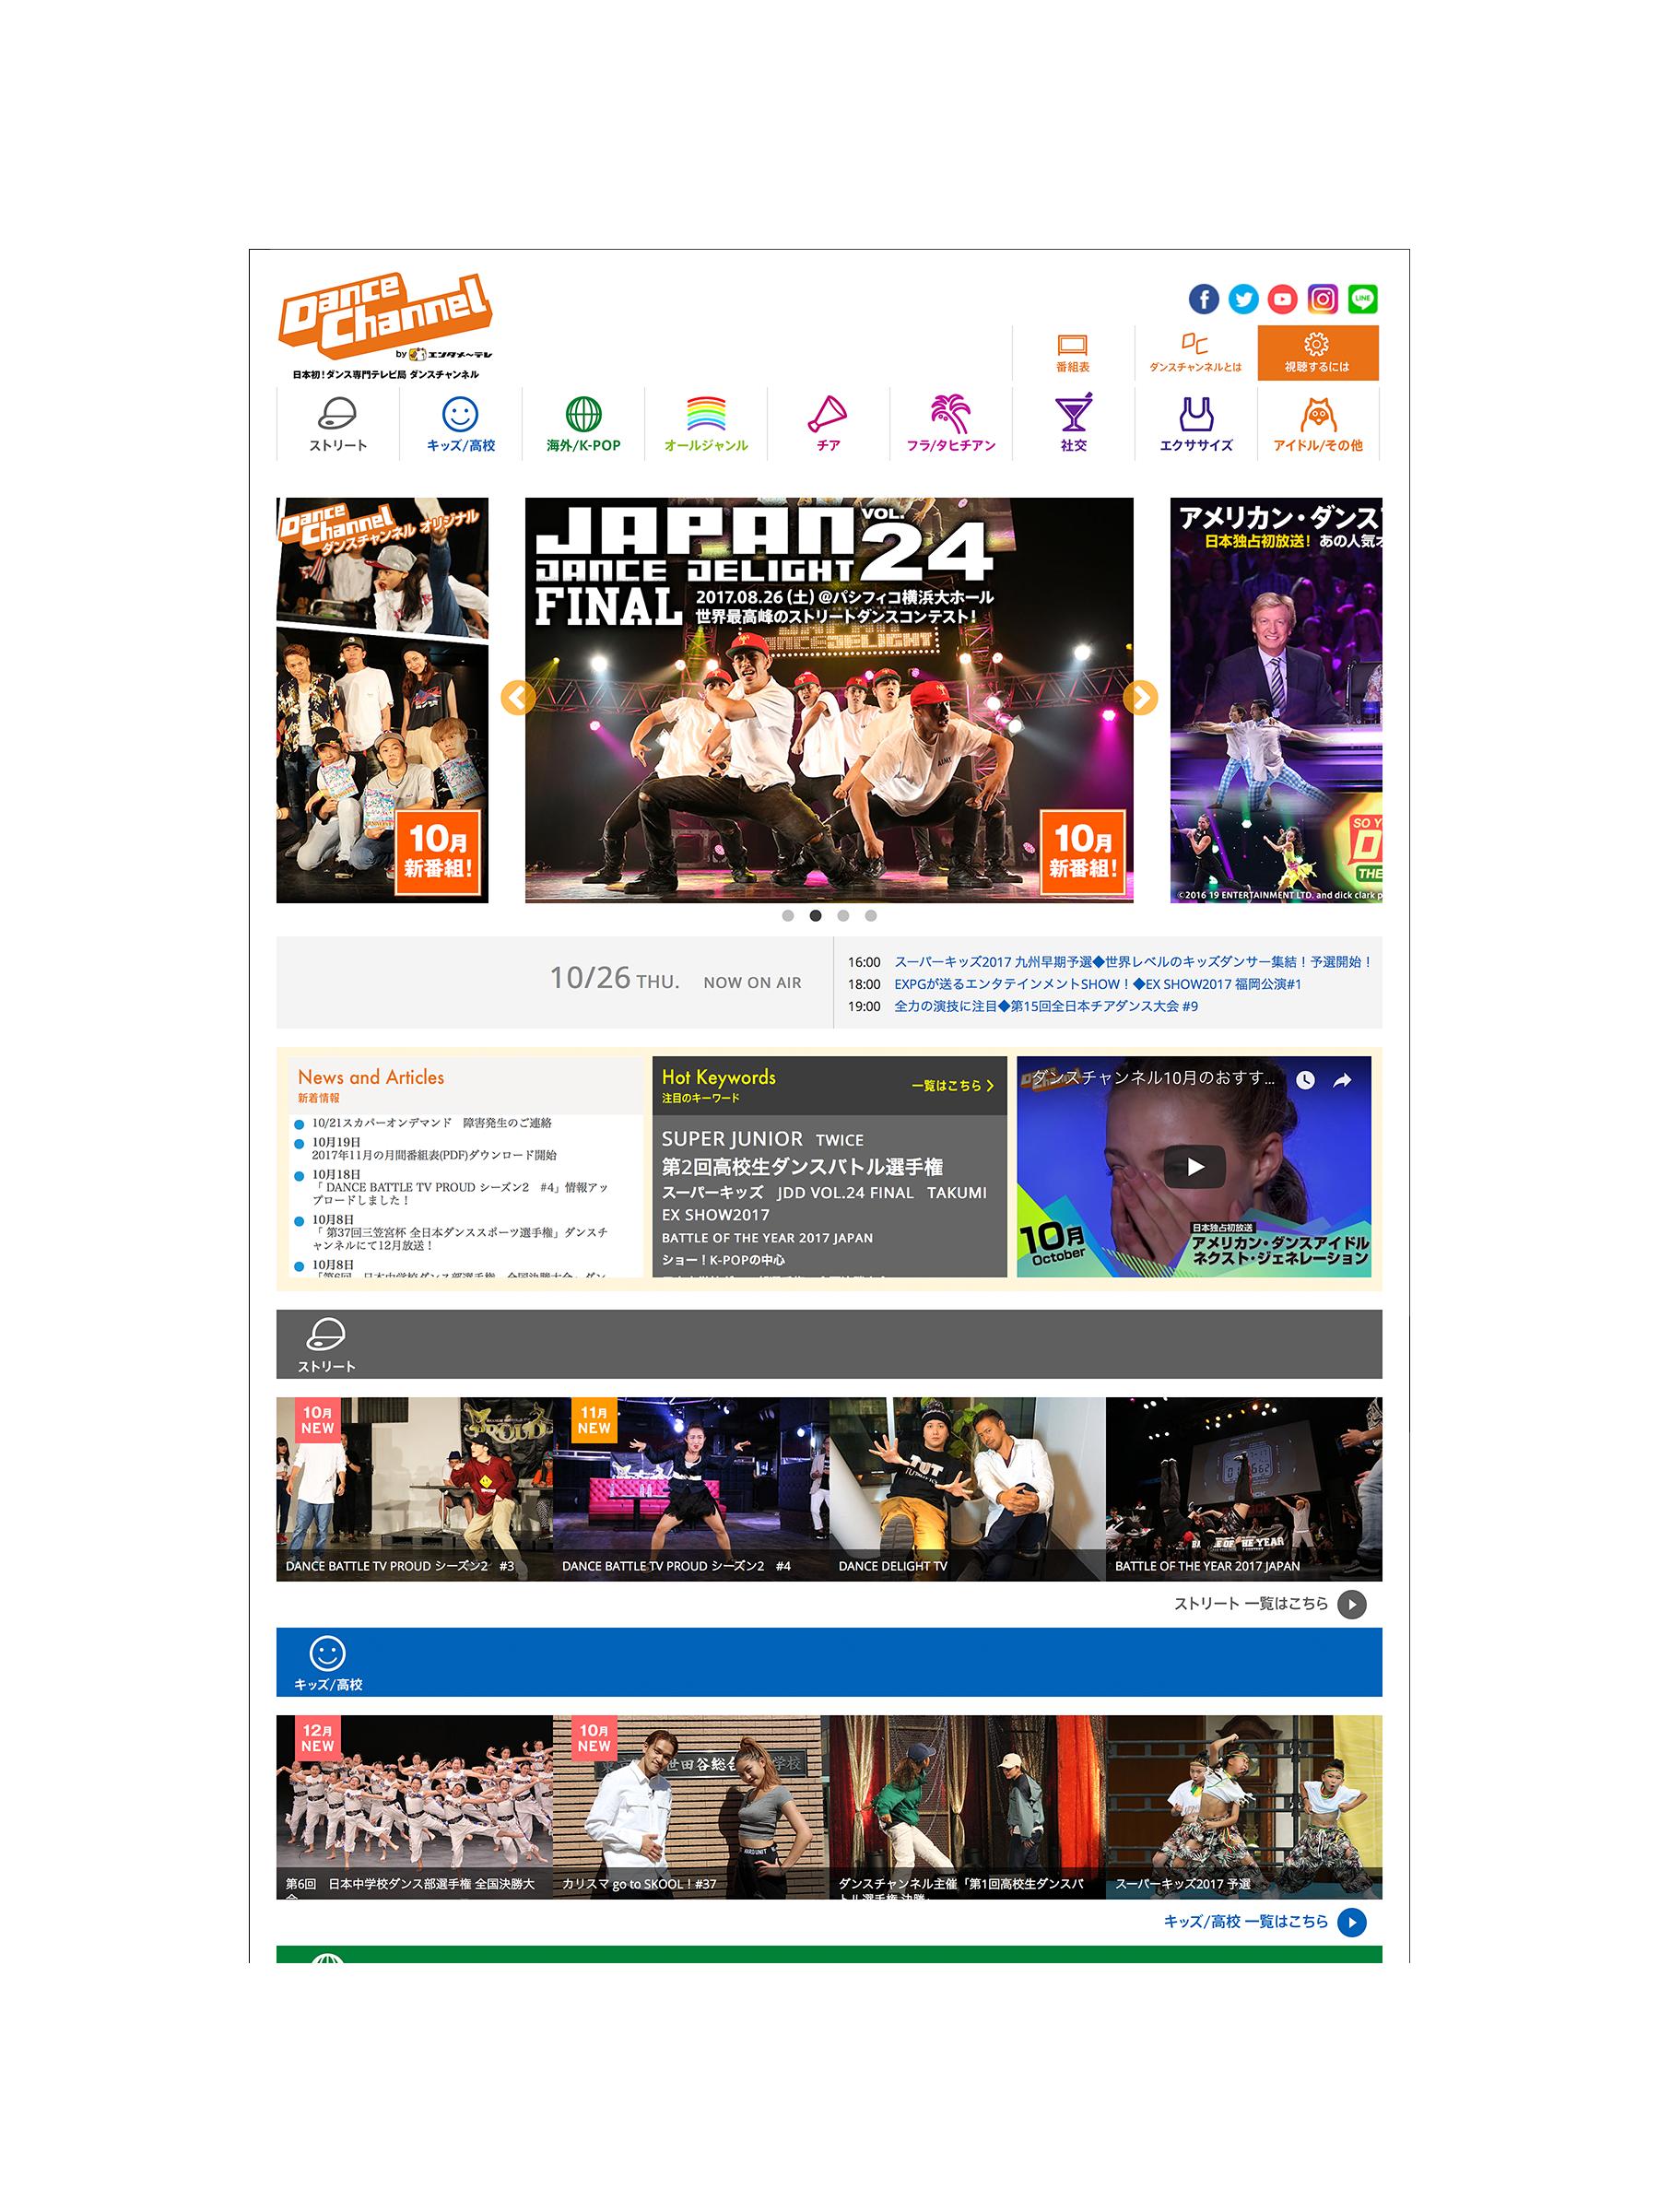 ダンスチャンネル公式サイト